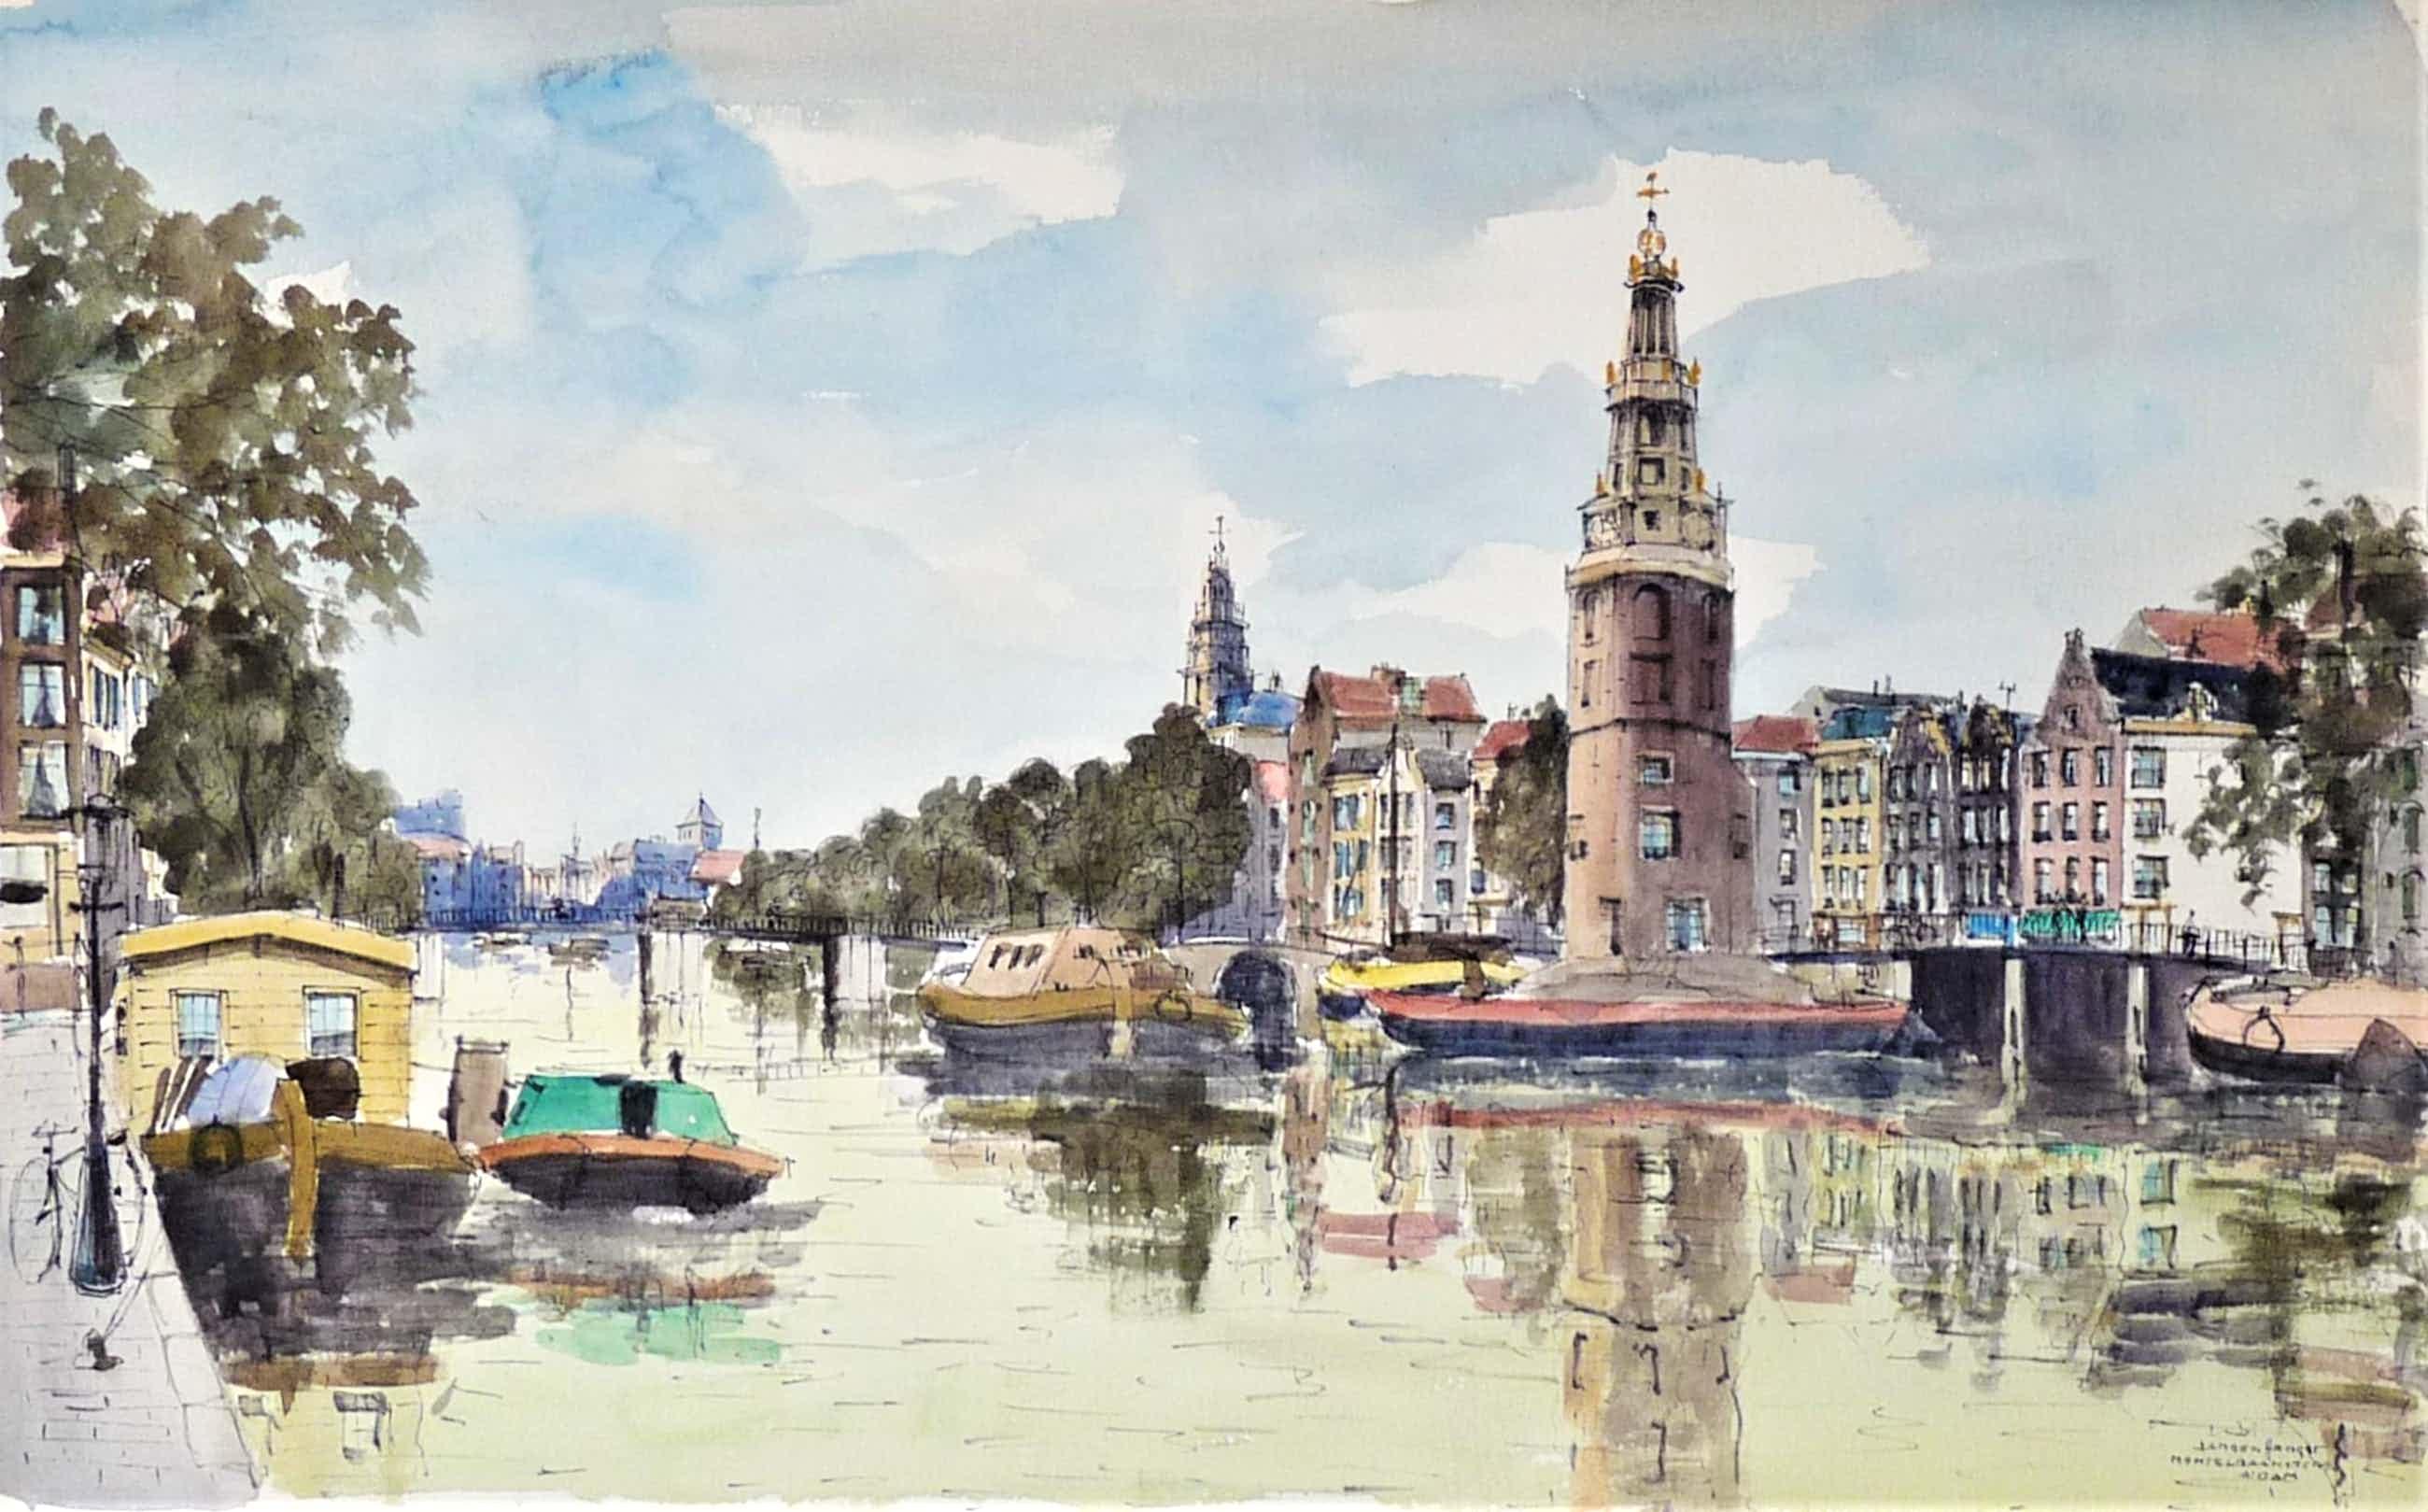 Jan den Hengst - Stadsgezicht Montelbaanstoren Amsterdam kopen? Bied vanaf 175!